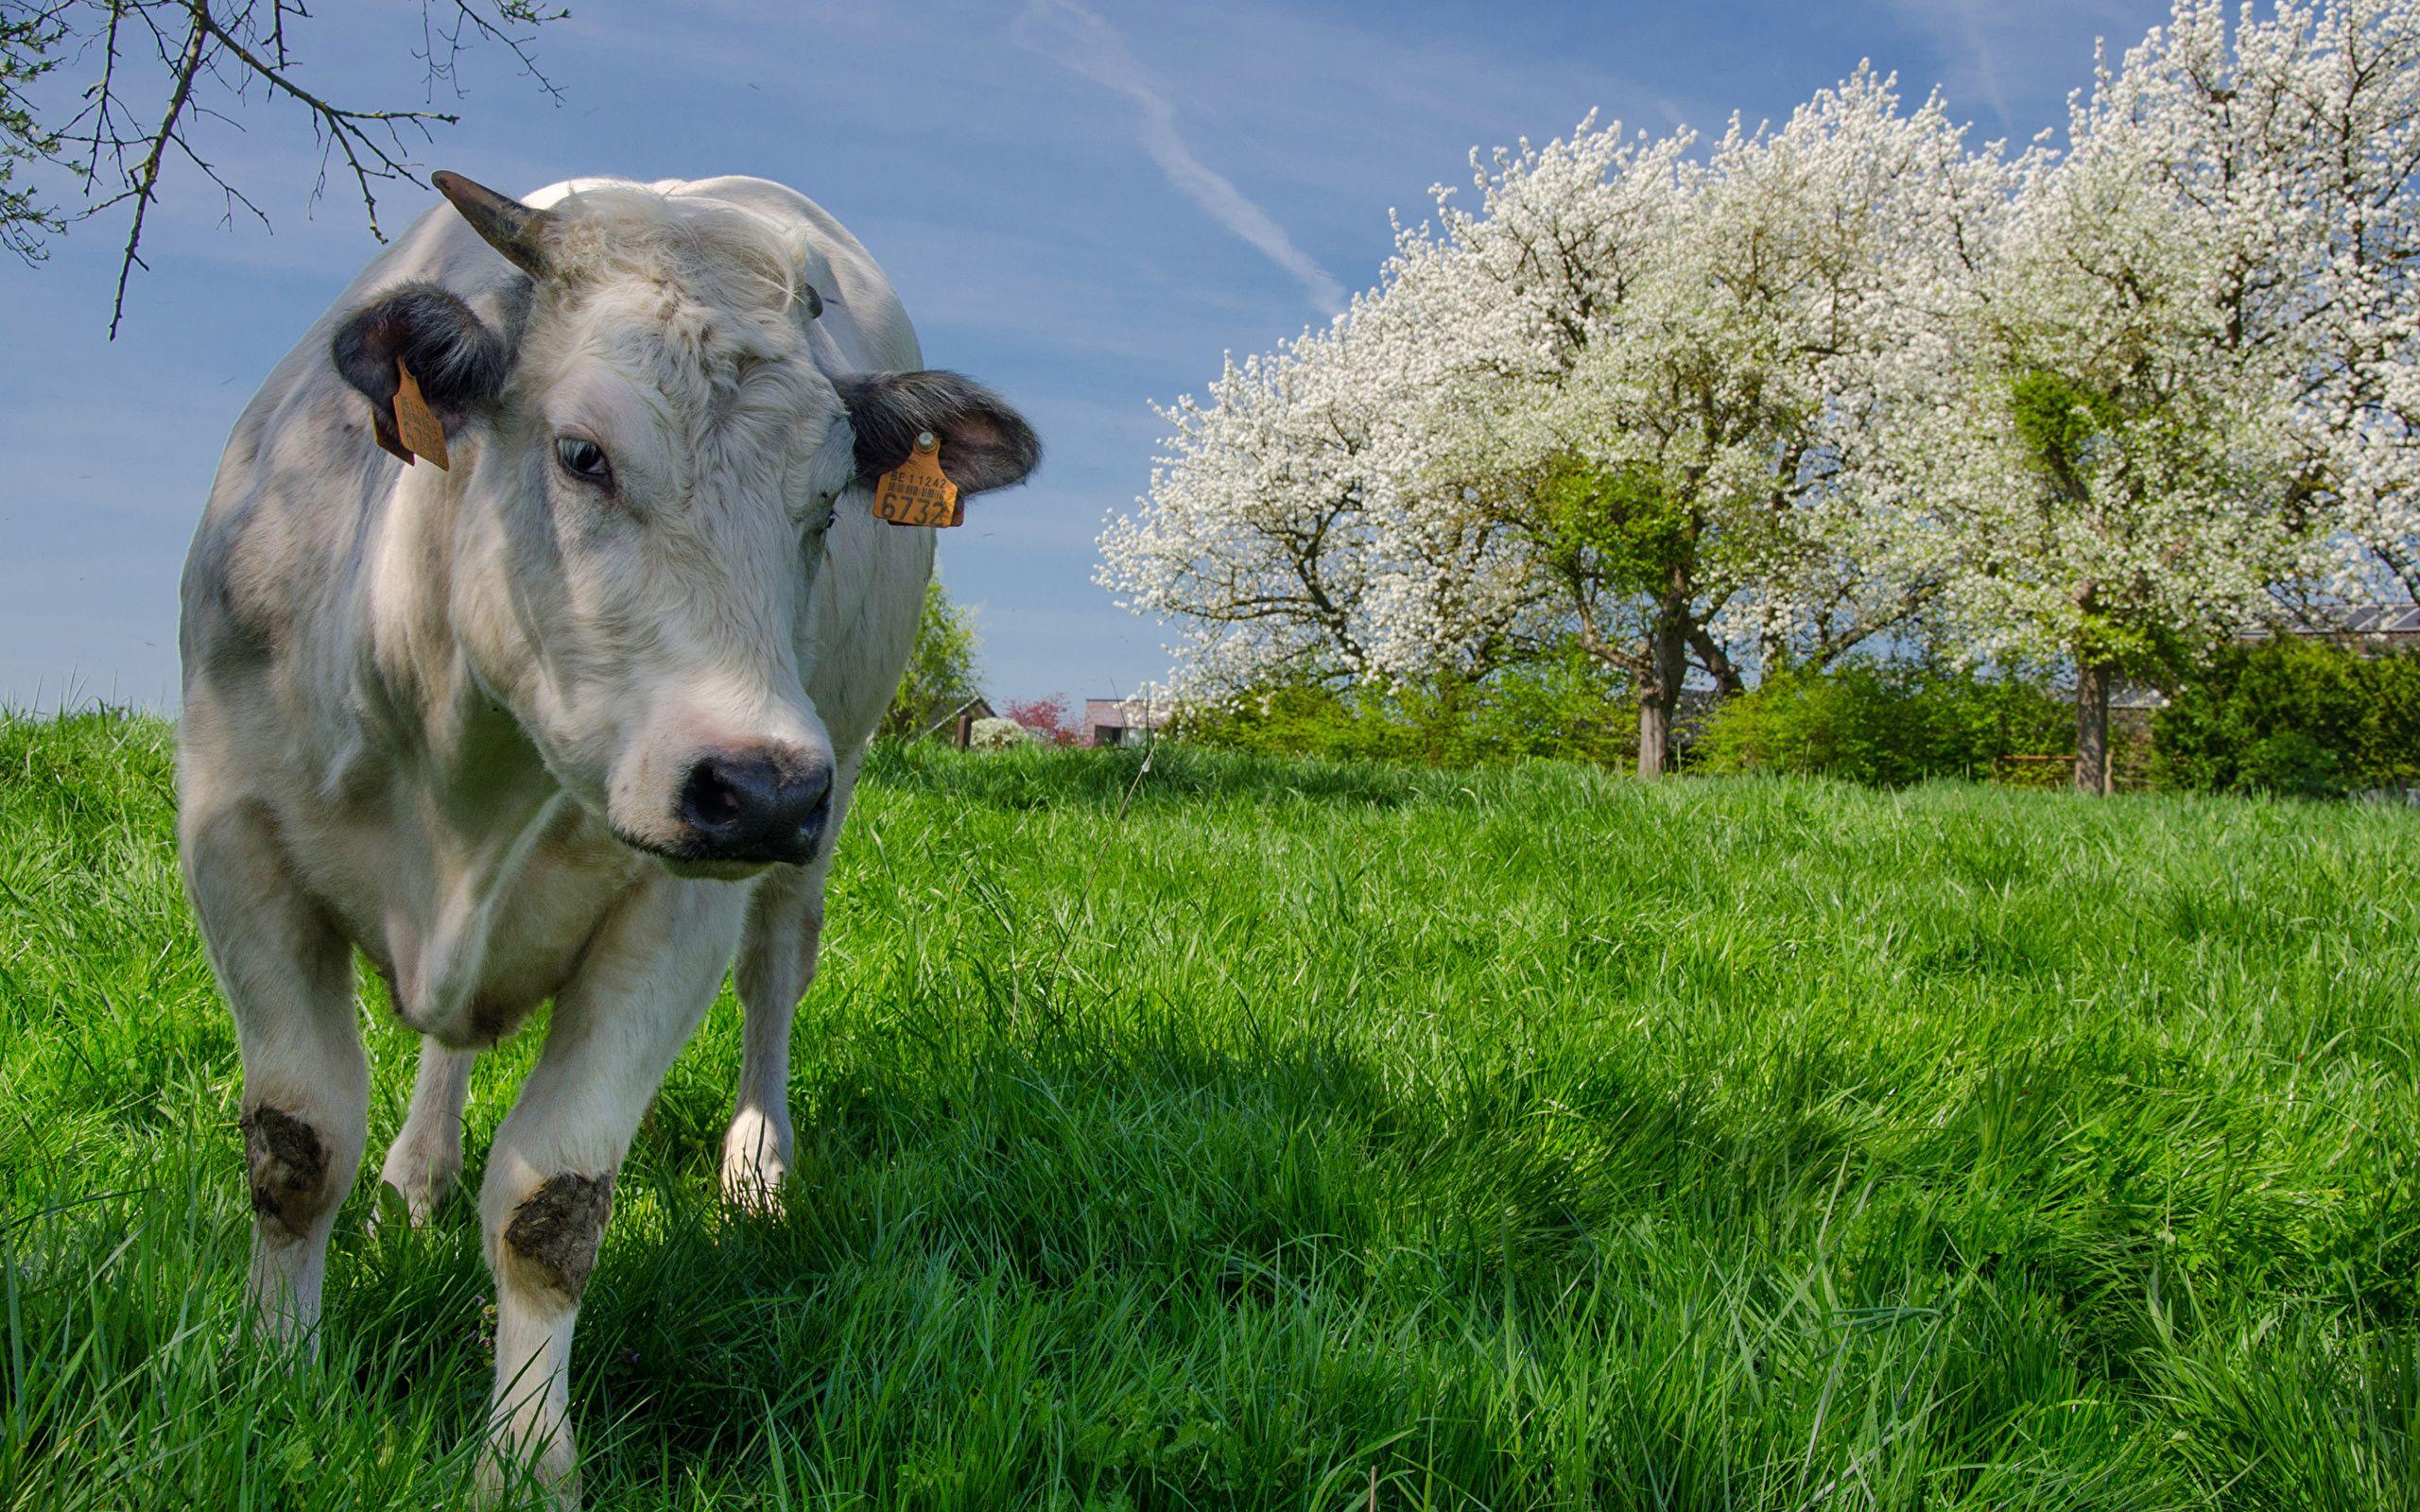 photos of cows